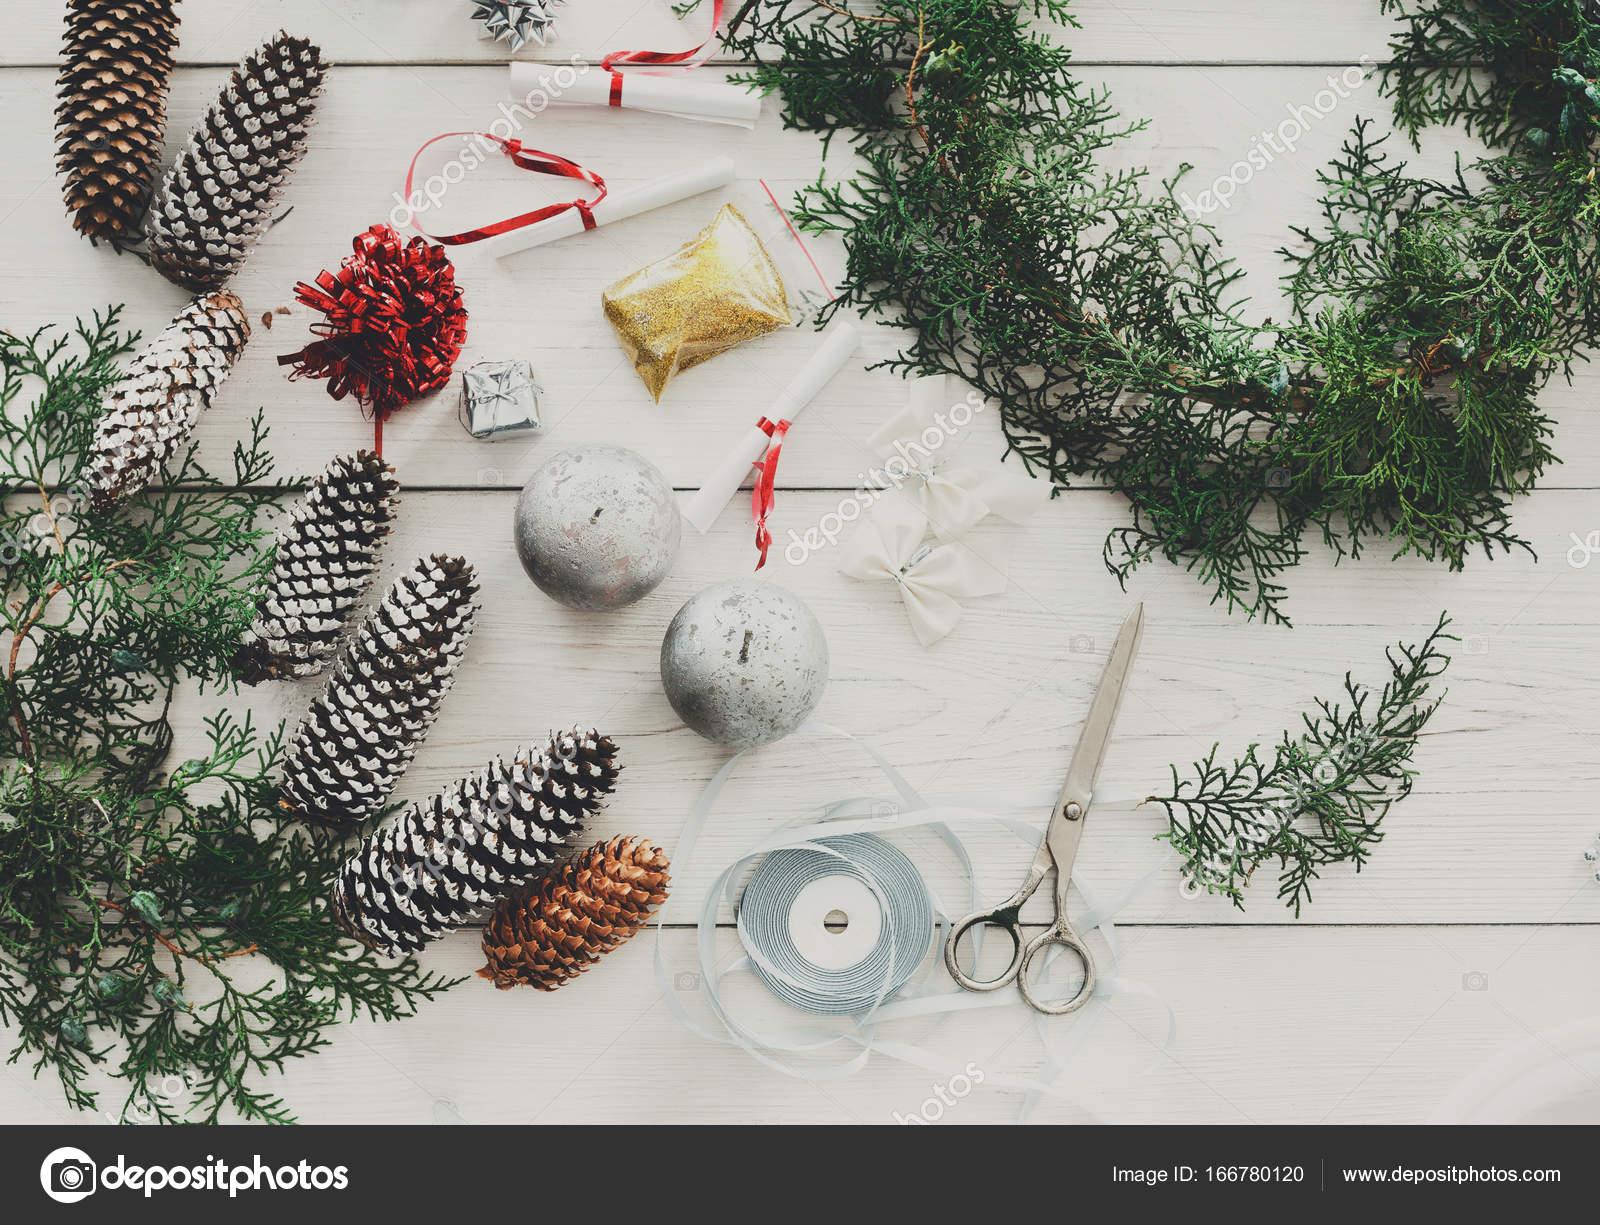 Decorare Tavola Di Natale Fai Da Te : Hobby fai da te creativo garland ornamento e decorazione di